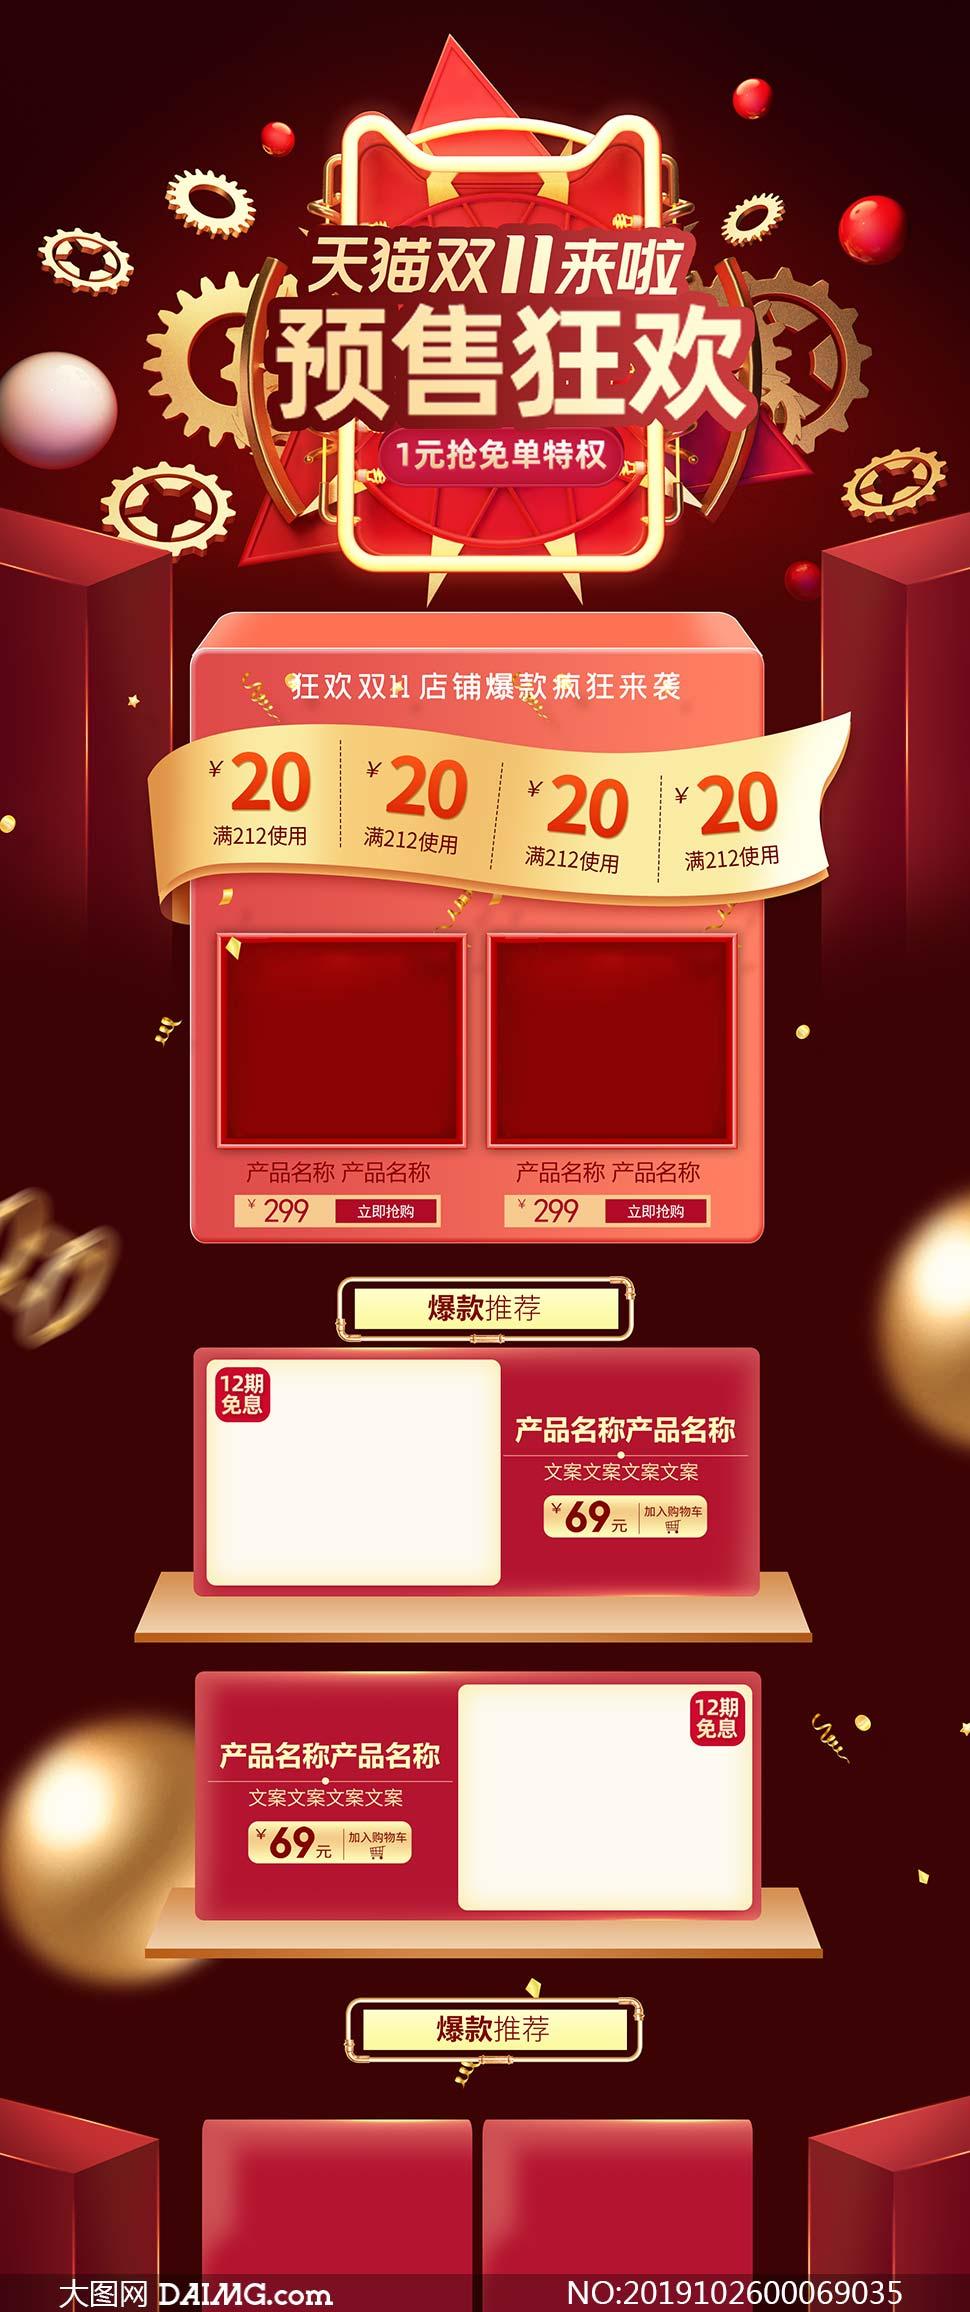 天貓雙11預售狂歡首頁模板PSD素材